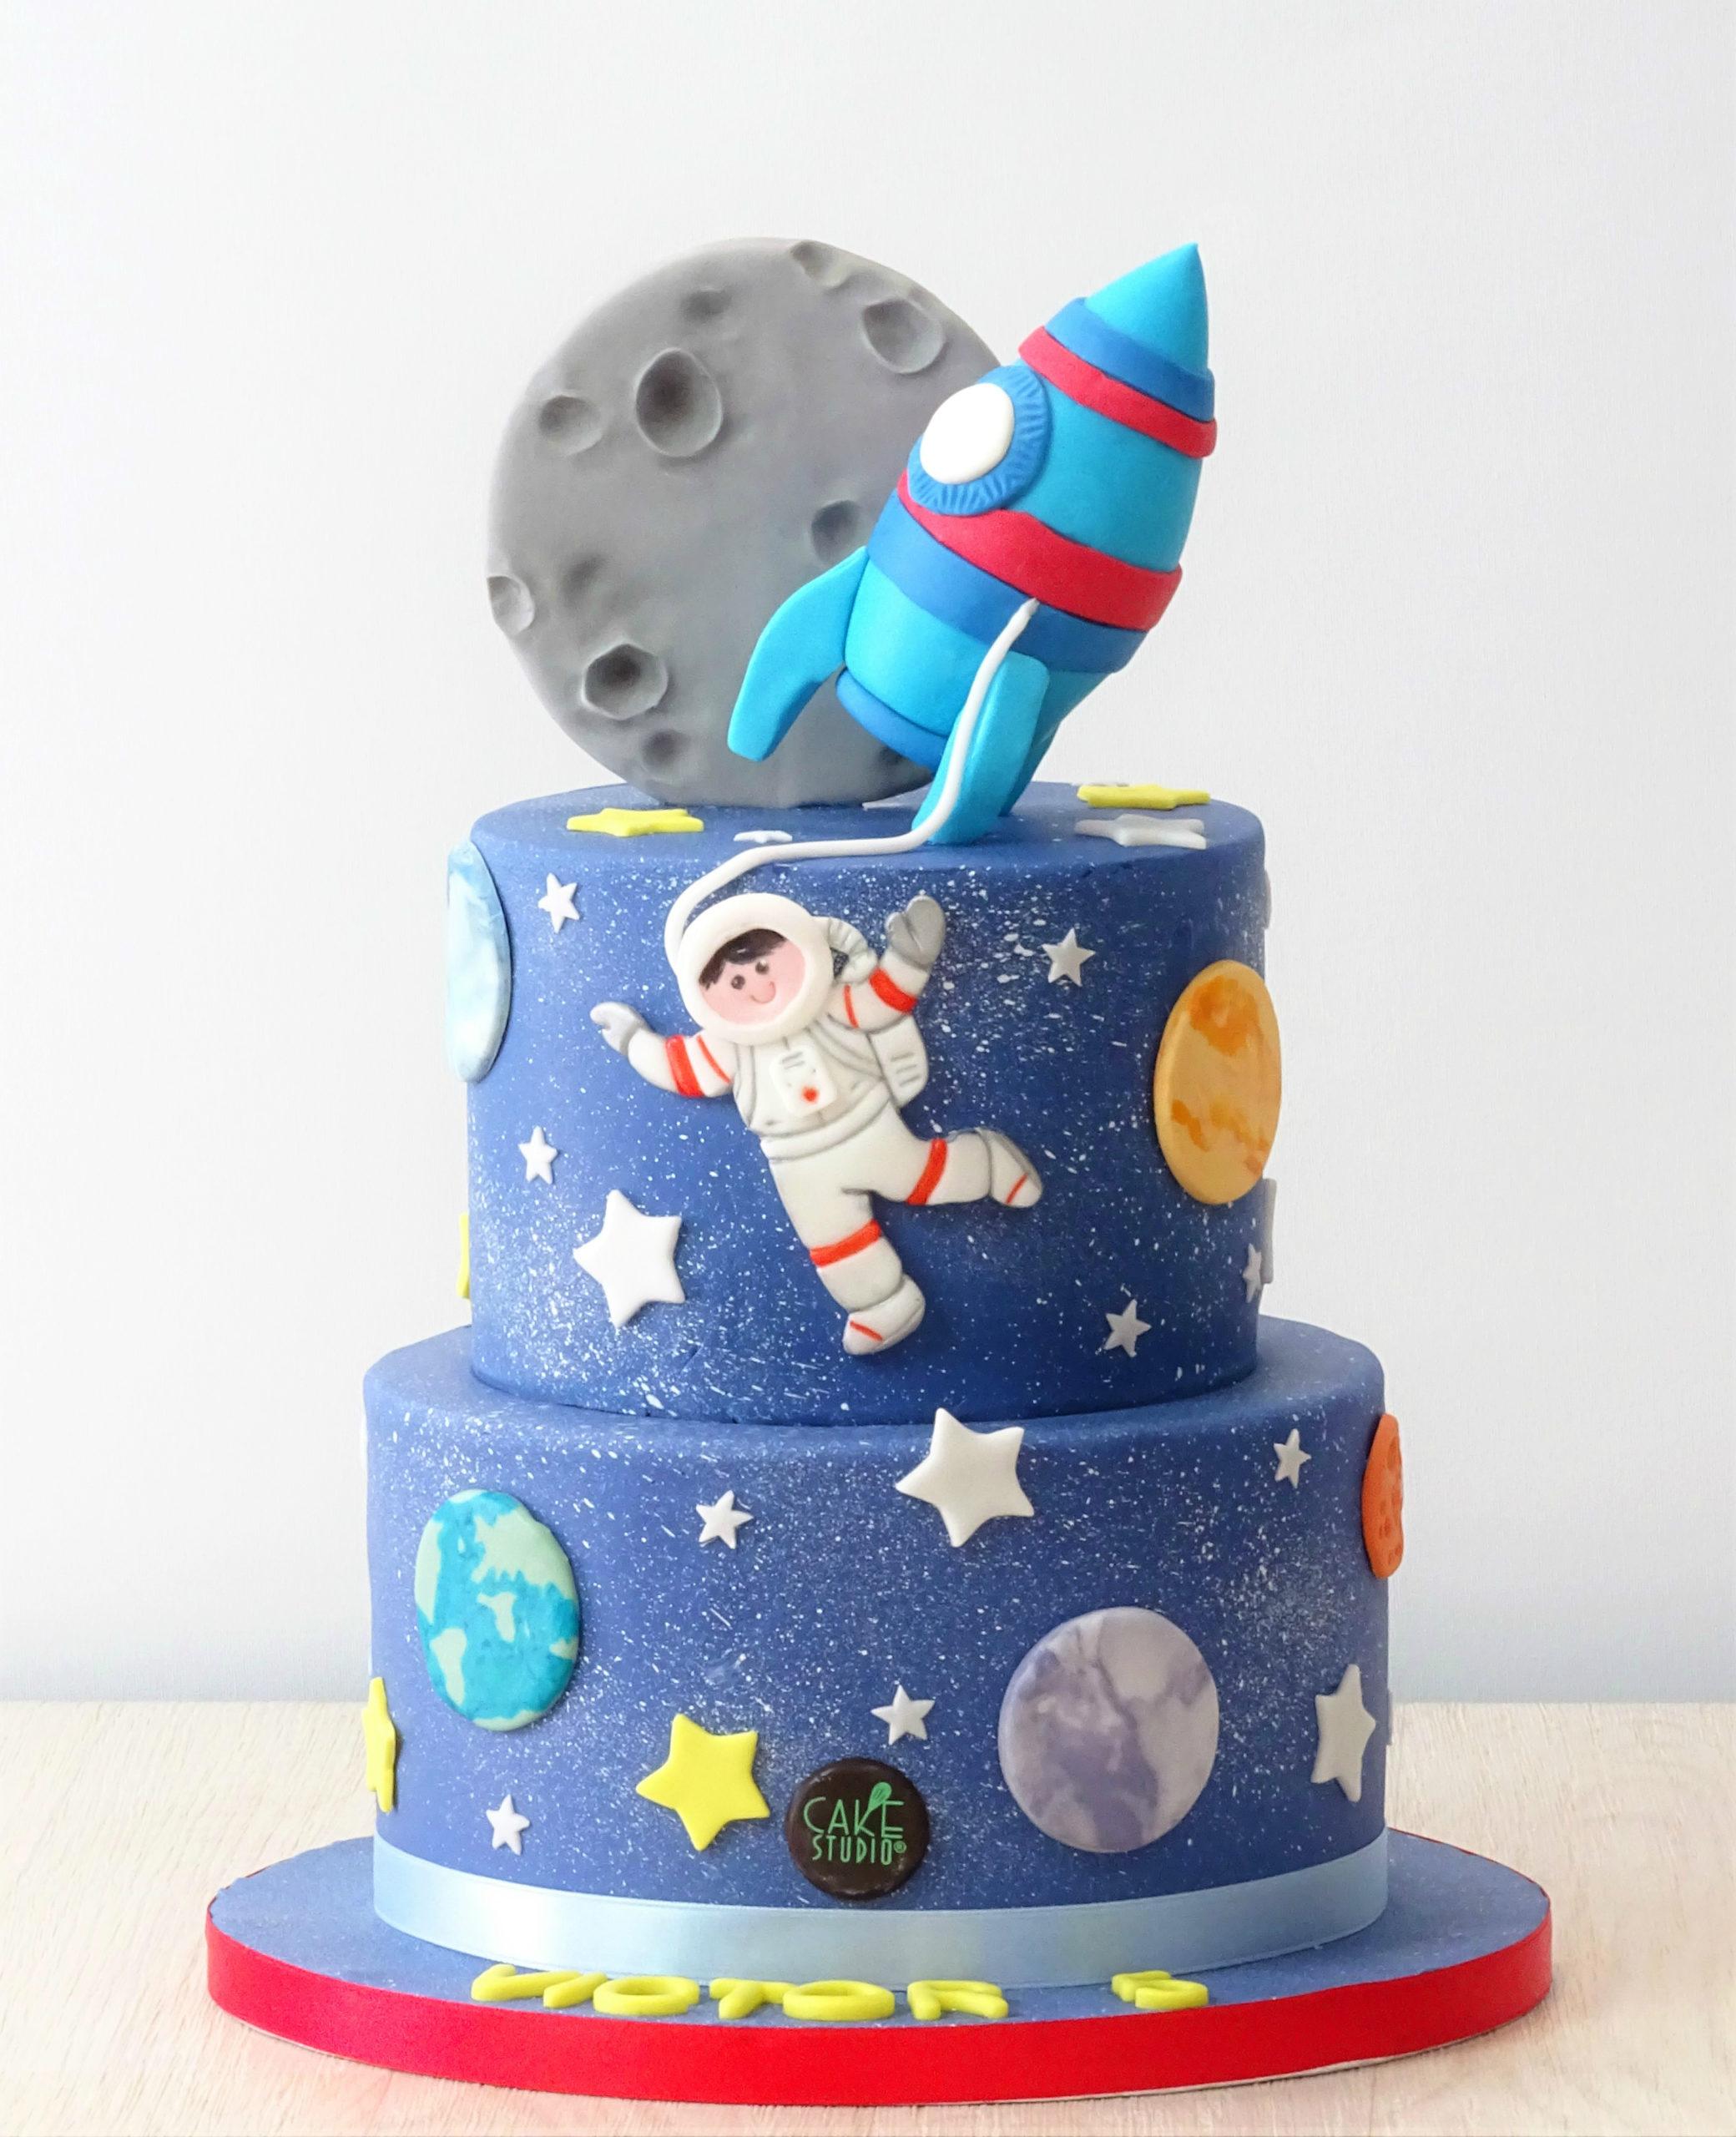 torta spazio pianeti astronauta razzo luna